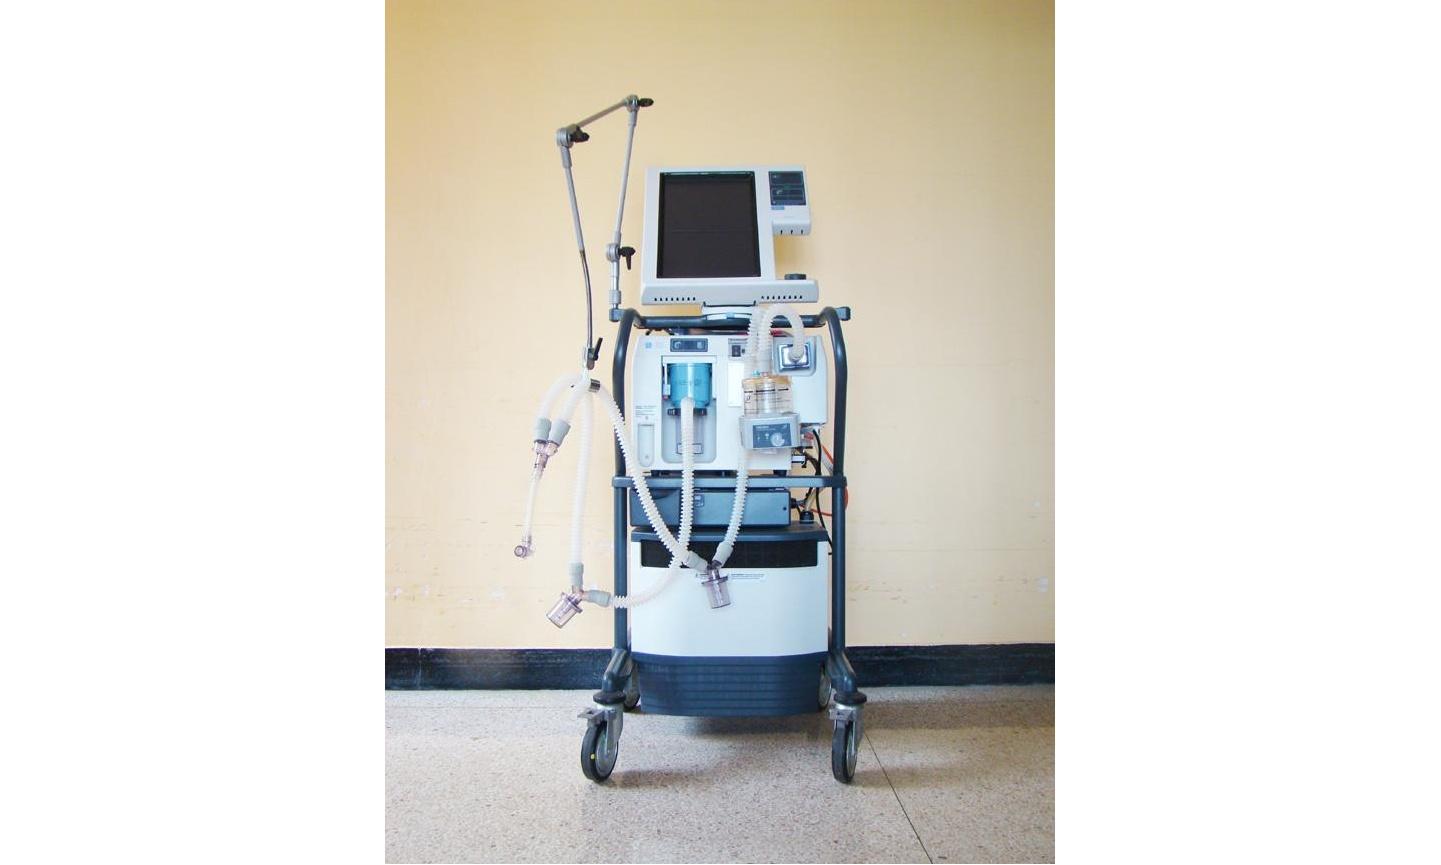 第九〇八医院呼吸机设备招标公告